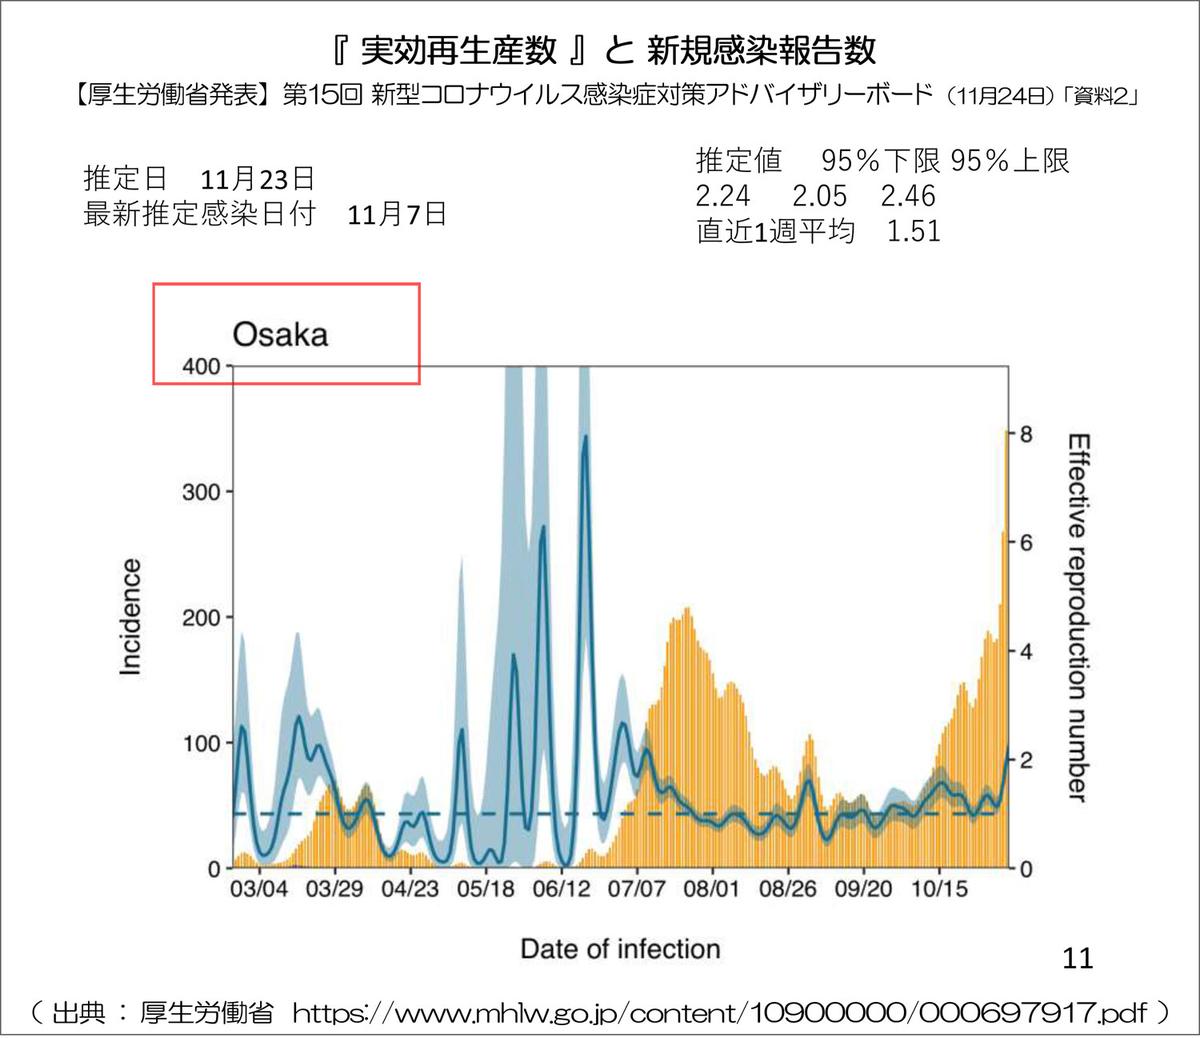 大阪 数 実効 生産 再